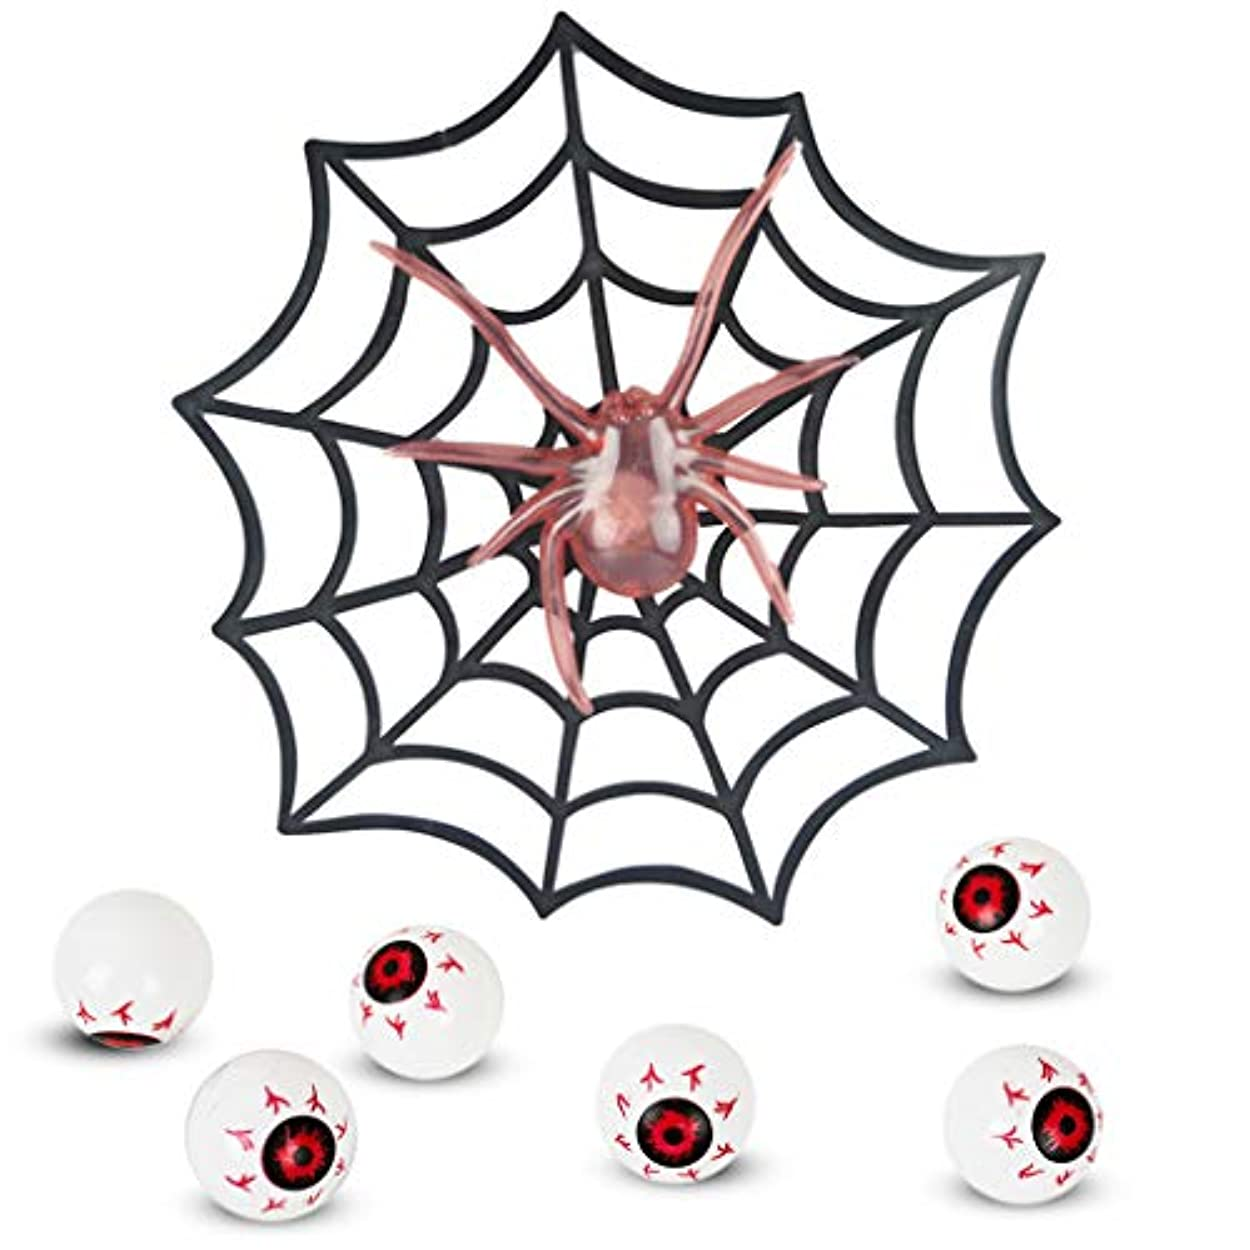 部門エゴイズムバラエティJiaxingo ハロウィン くも キャンディーボックス おもちゃ 光る 7個セット クモの巣 ハロウィーンデコレーション パーティーの装飾 プチギフト お祭り 景品 プレゼント